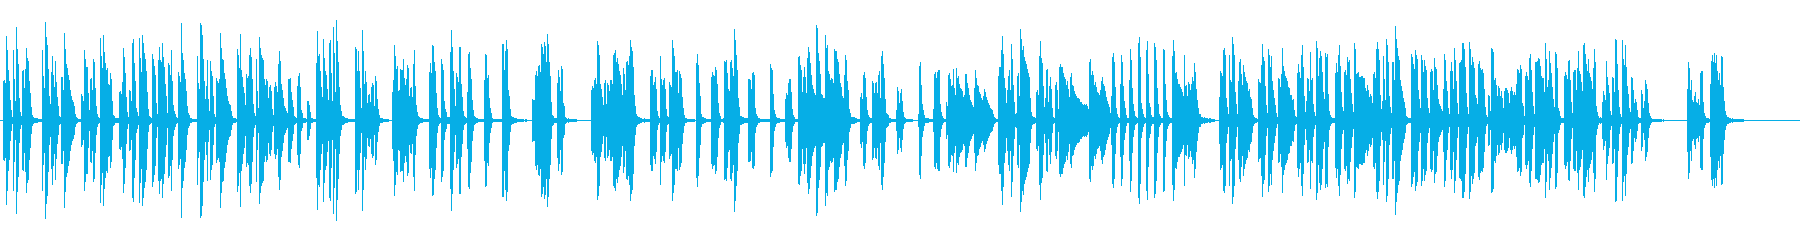 かわいくて上品なピアノ曲です。の再生済みの波形